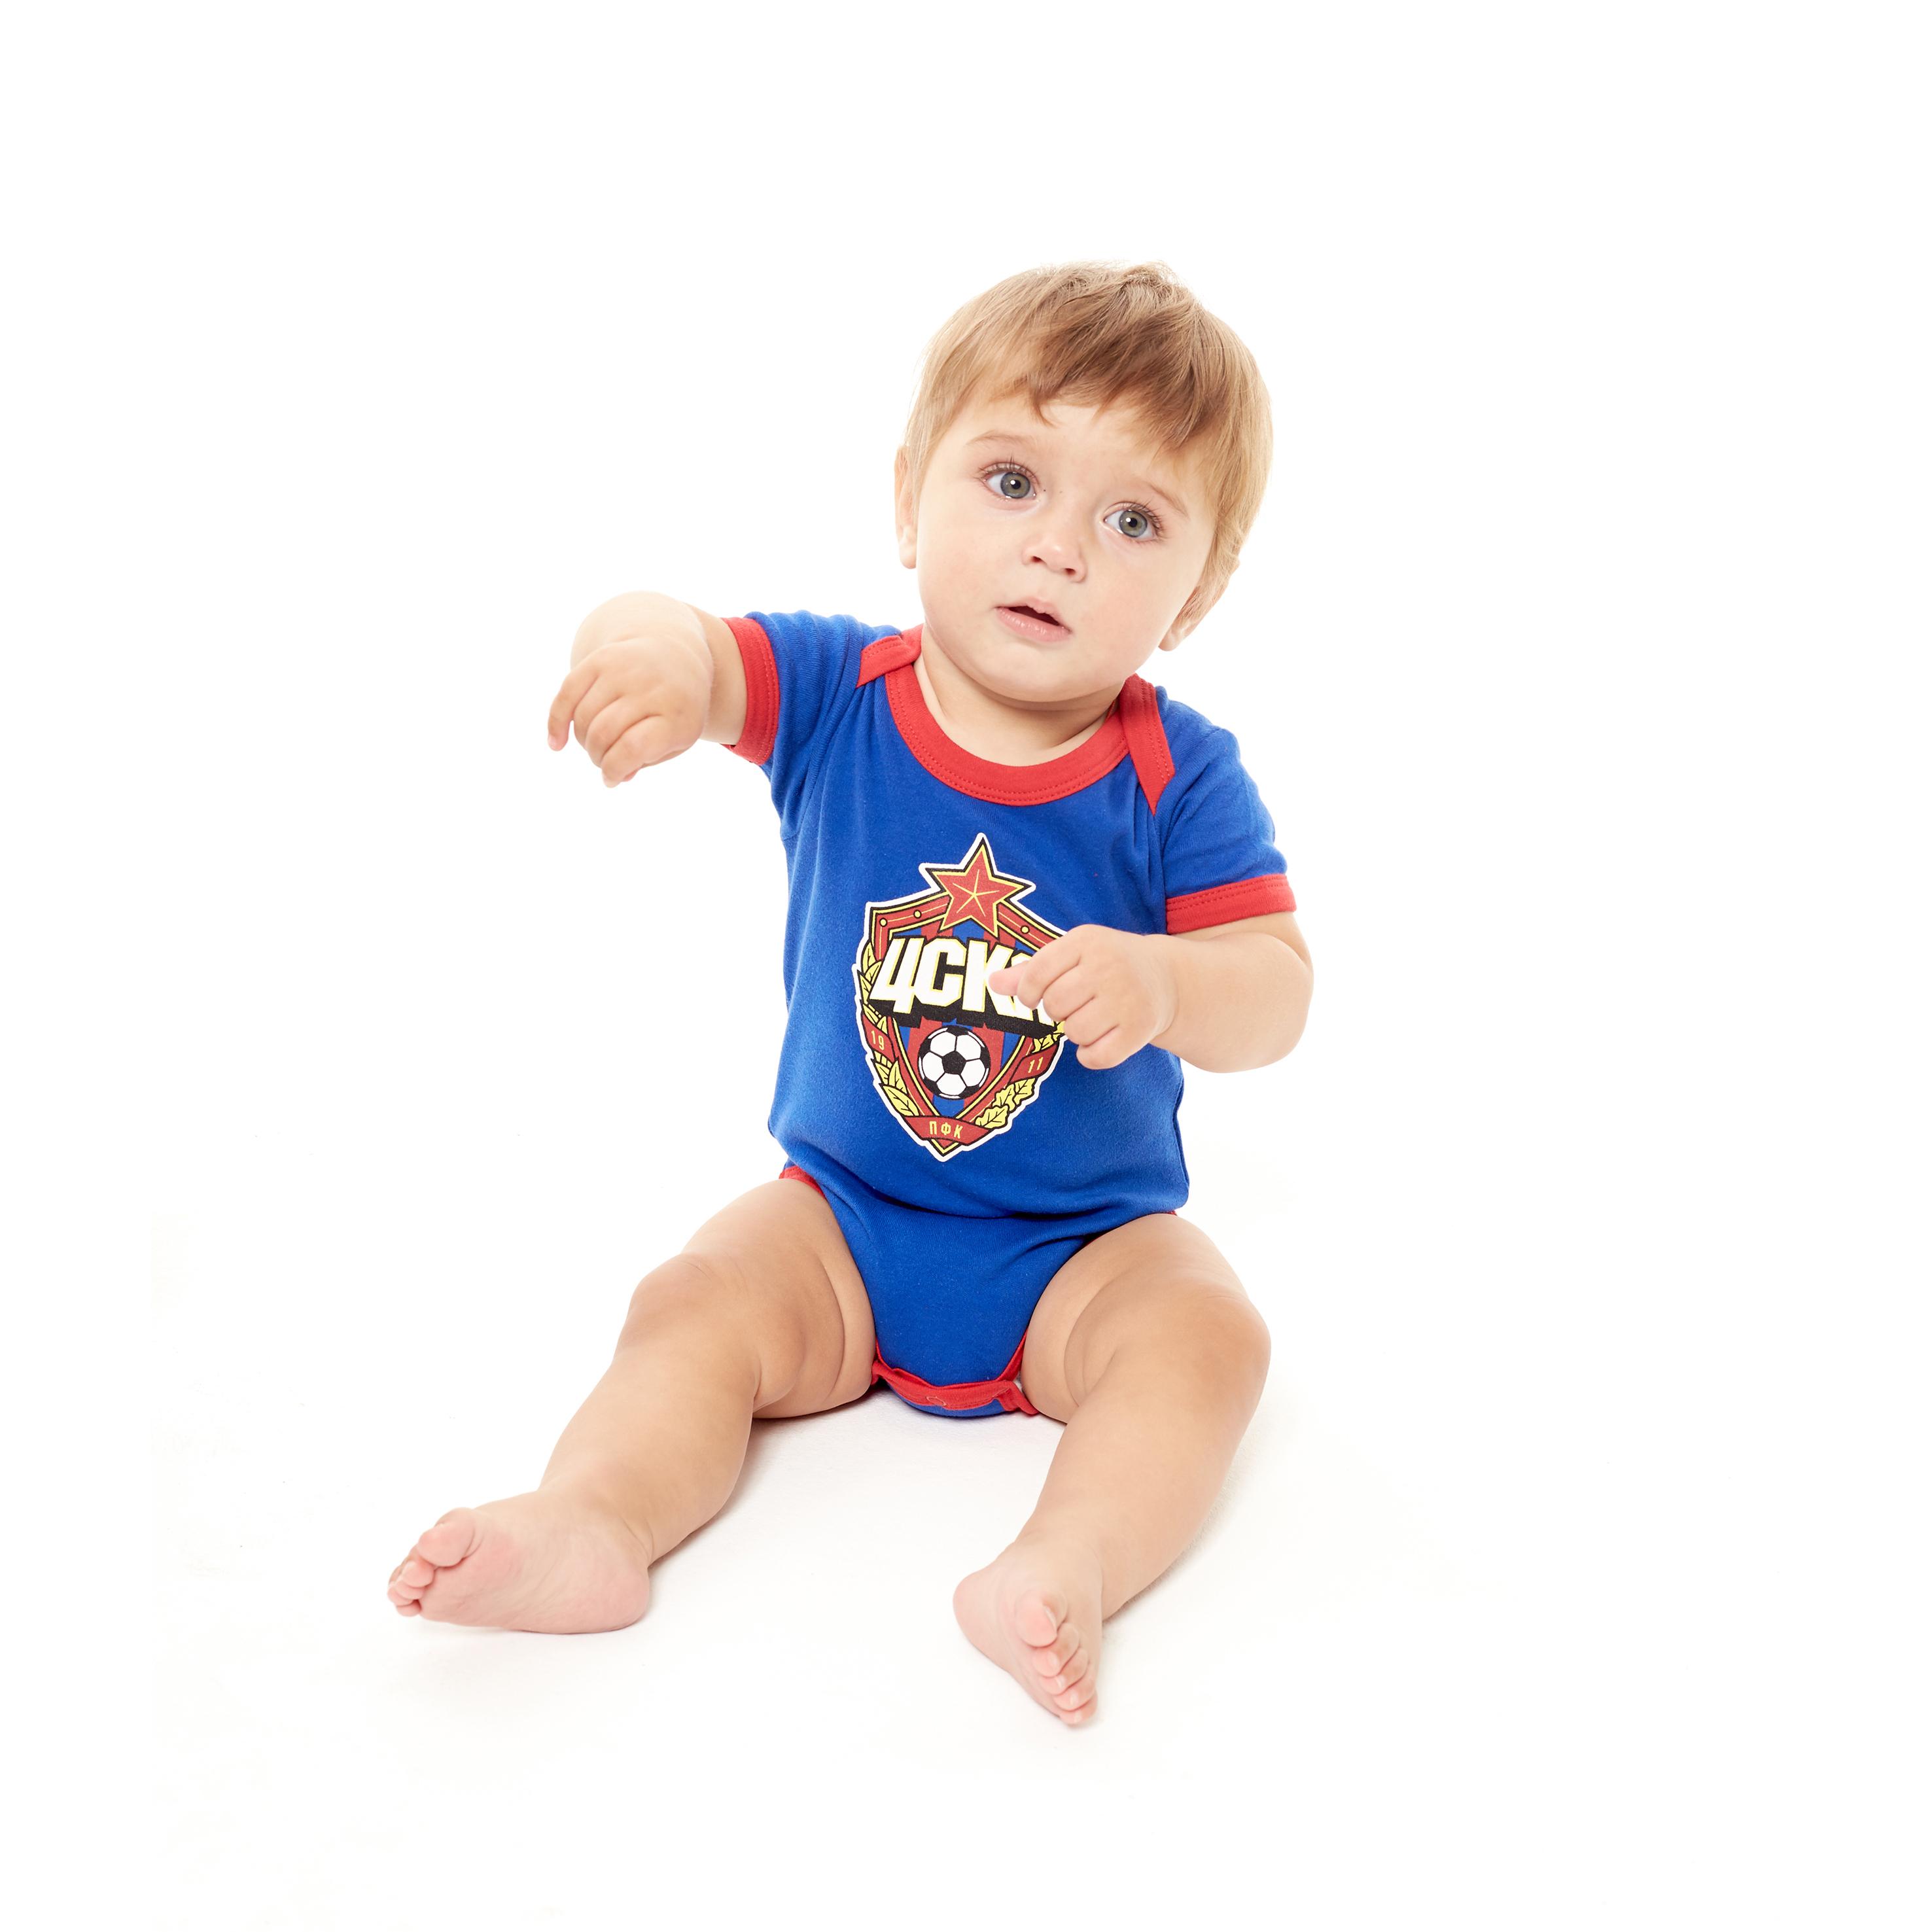 Боди с коротким рукавом, цвет синий (62 (0-3 мес.))Для самых маленьких<br>Боди с коротким рукавом, цвет синий<br>